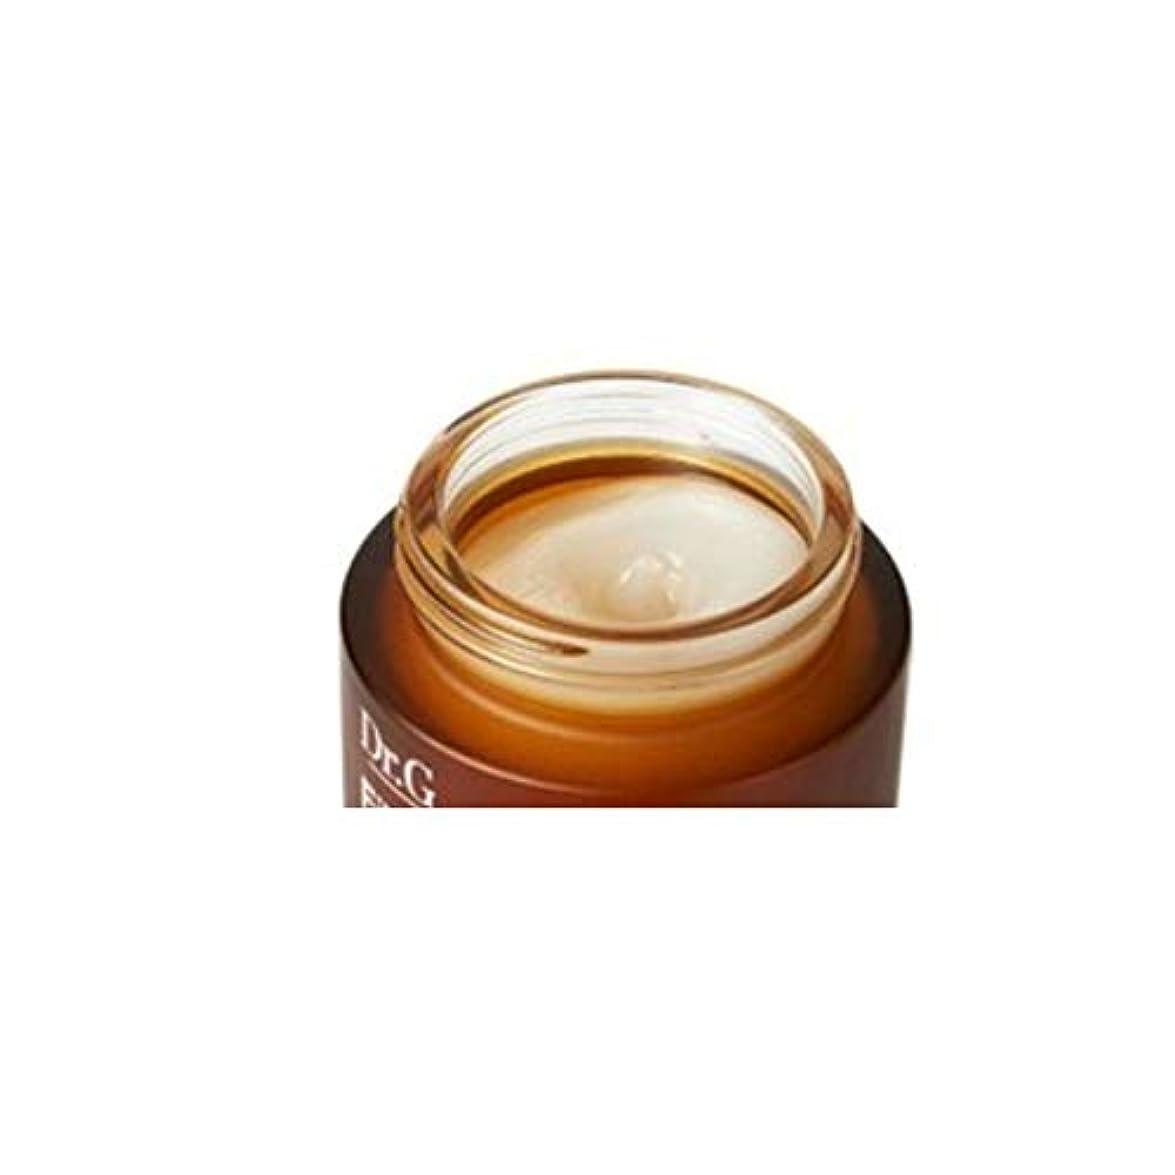 モーターおいしいアソシエイトドクターGピラーグリーンバリアBalm 50mlx2本セット お肌の保湿 韓国コスメ、Dr.G Filagrin Barrier Balm 50ml x 2ea Set Korean Cosmetics [並行輸入品]